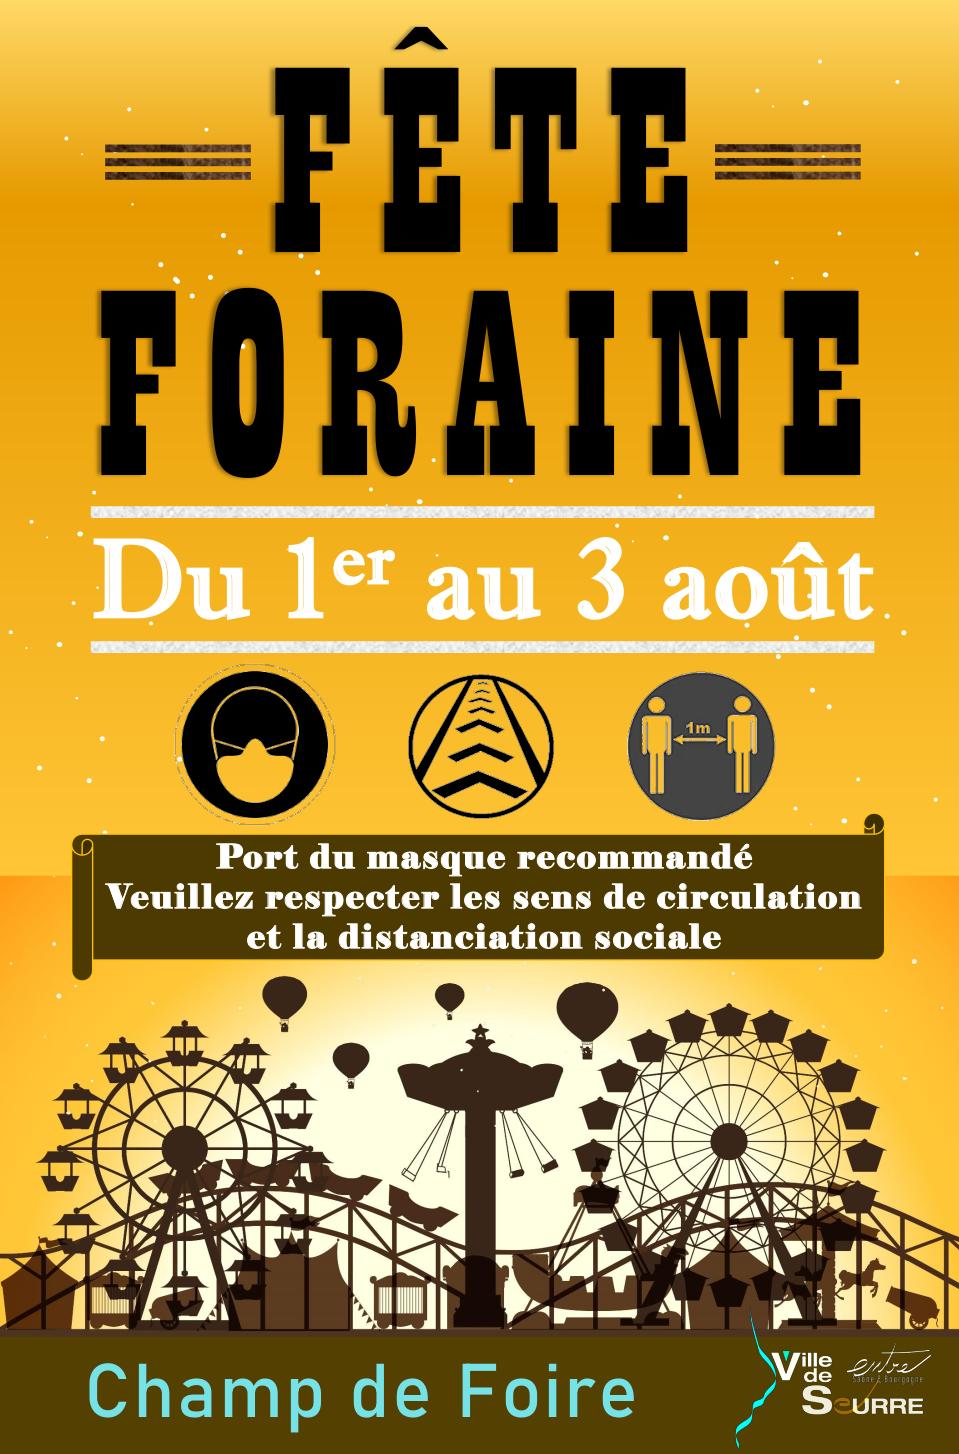 SEURRE-FETE-FORAINE-AOUT-2020 (003)